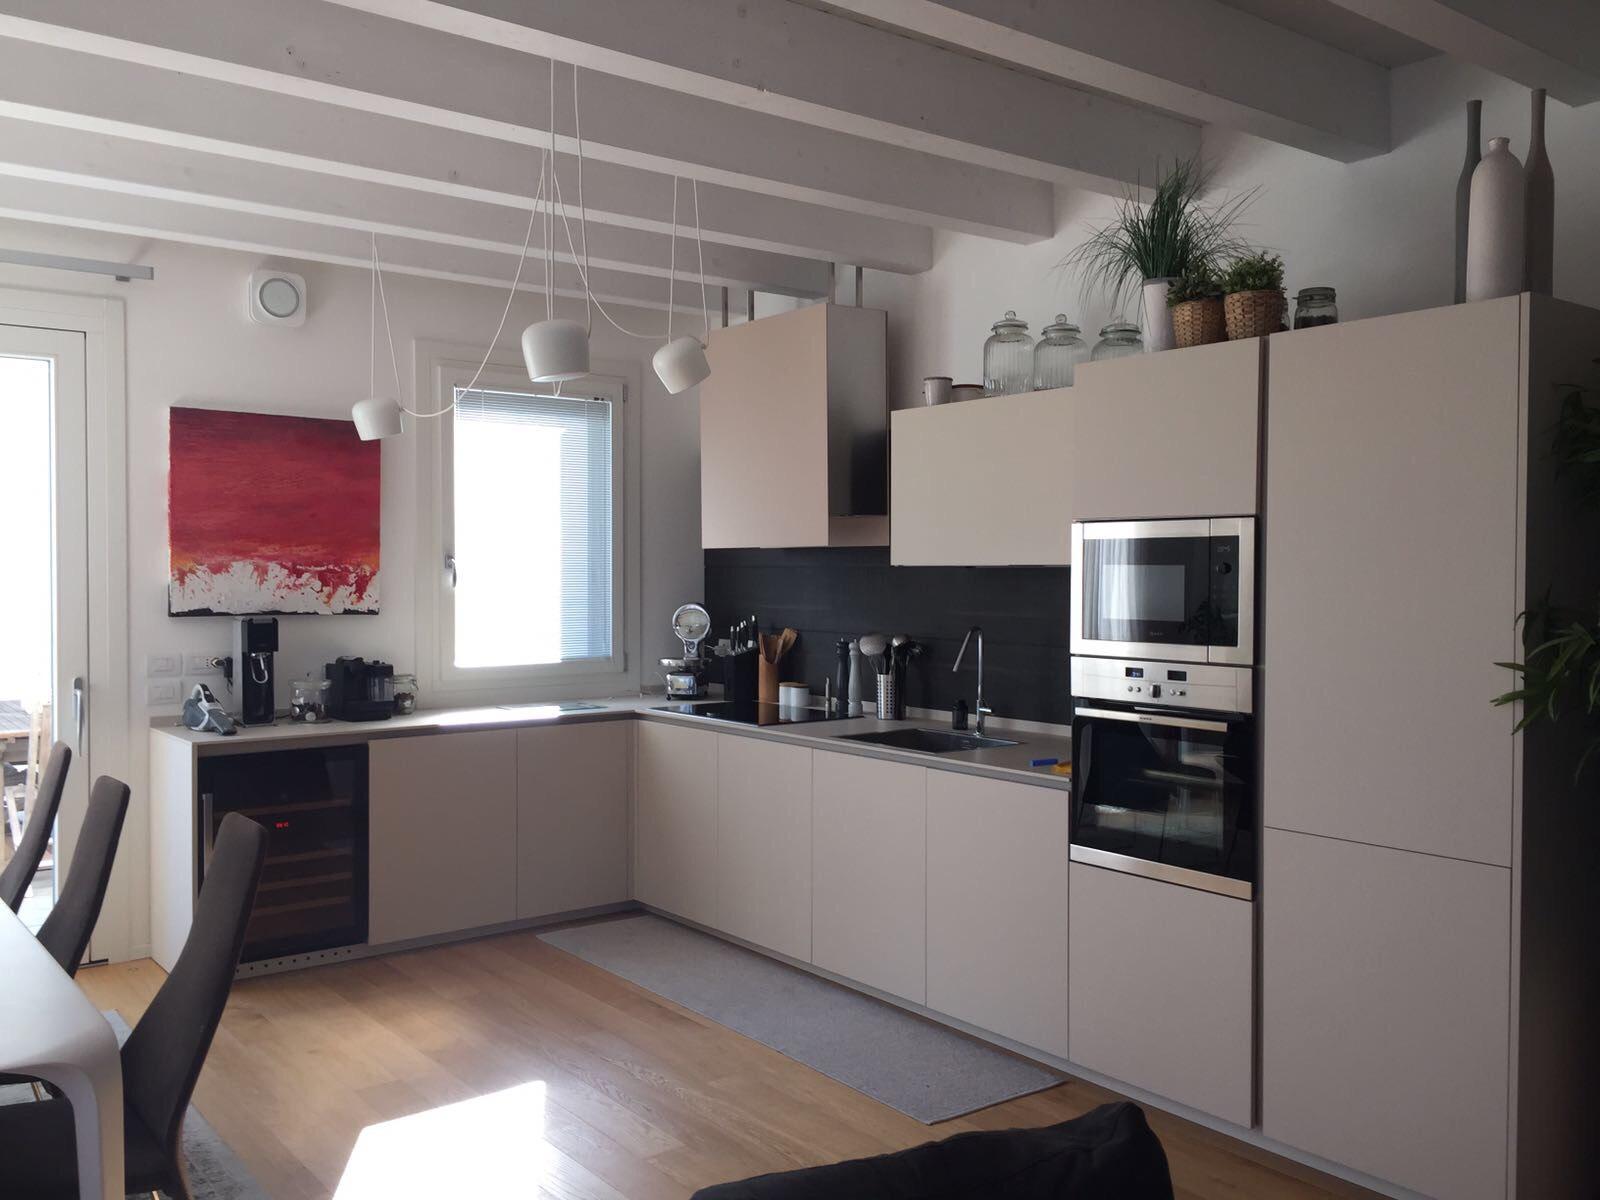 cucina a vista - Studio MiDa